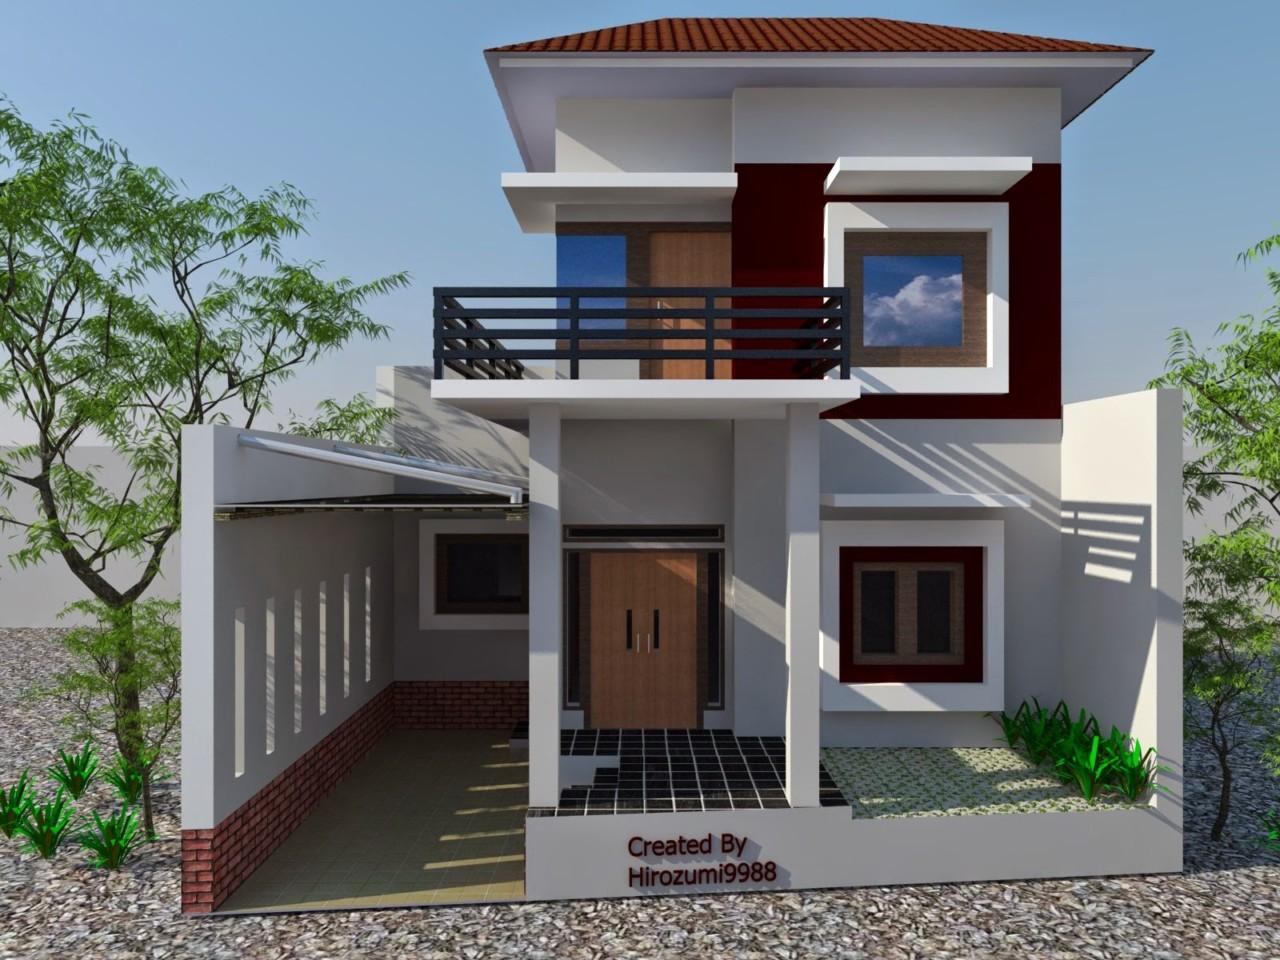 67 Desain Rumah Minimalis Ukuran 4x12 | Desain Rumah Minimalis Terbaru